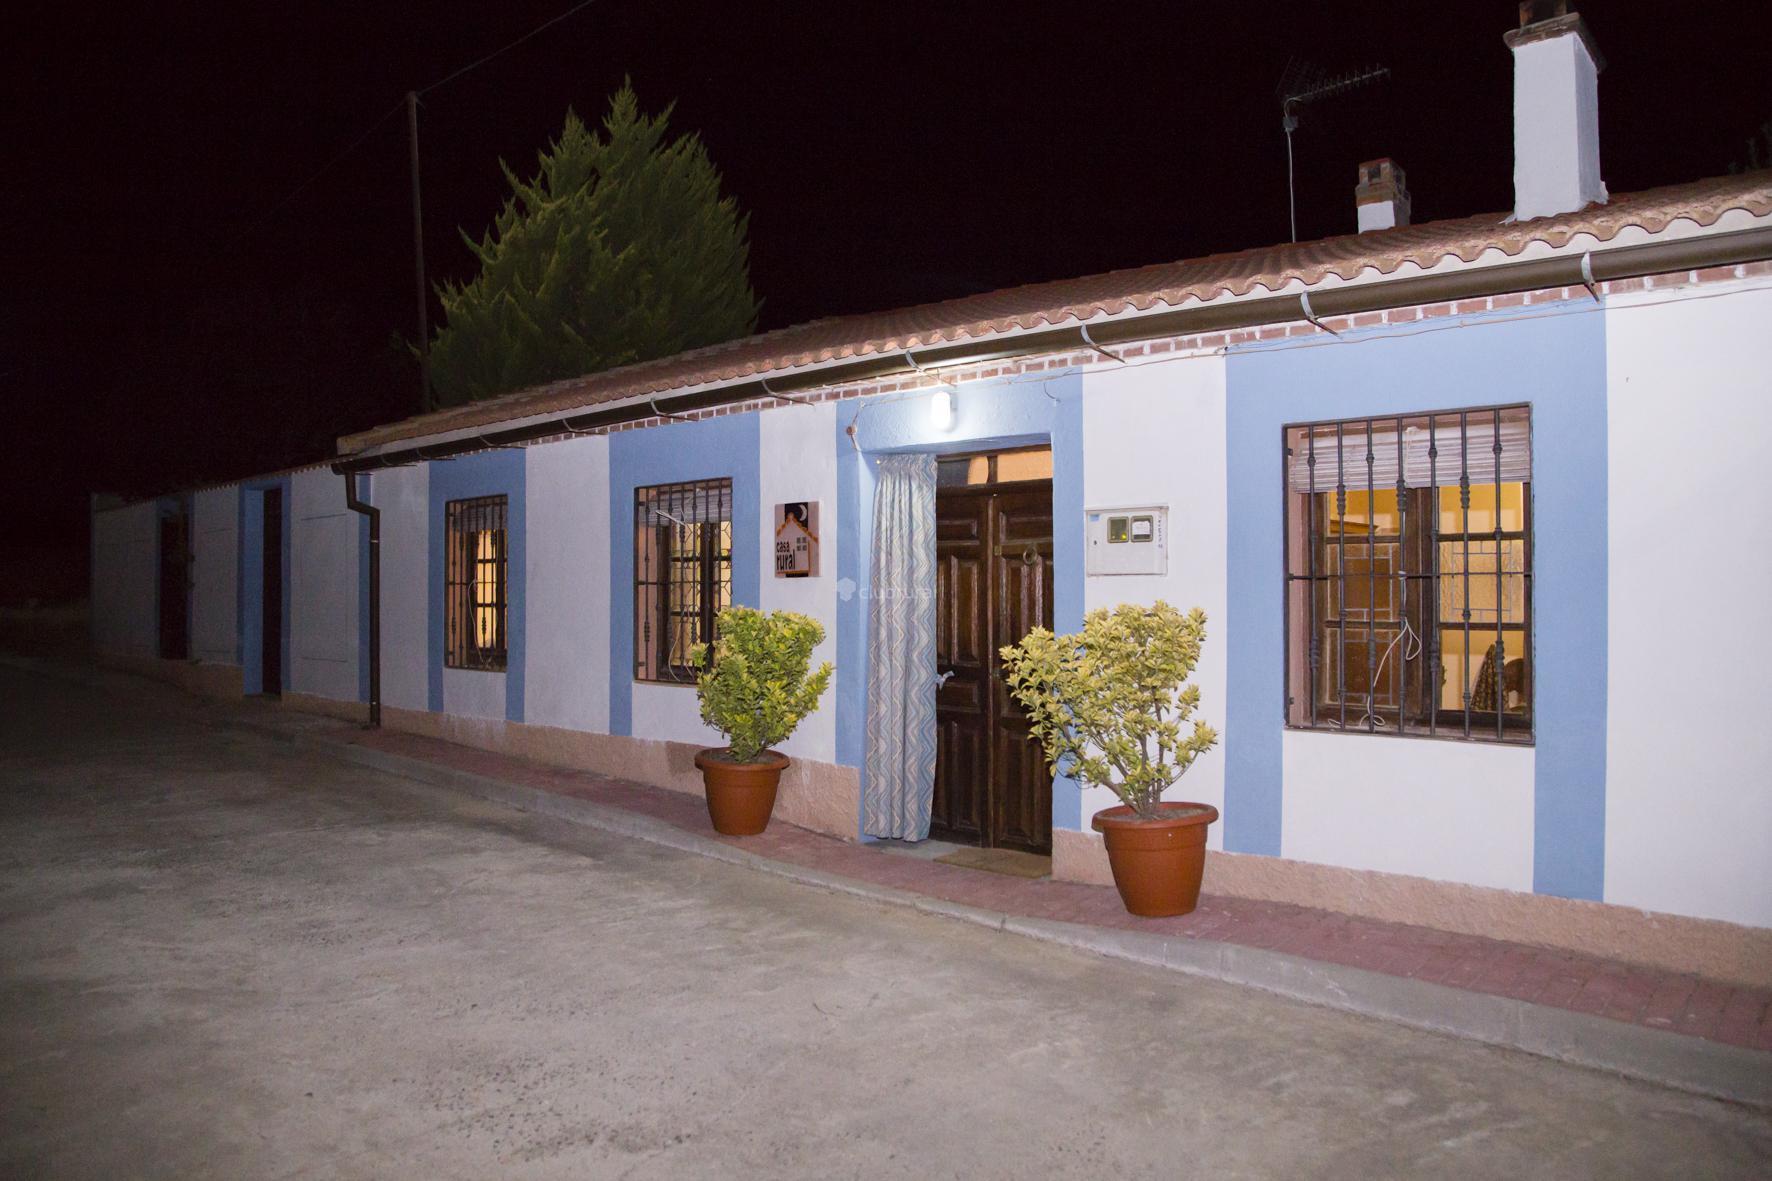 Fotos de casa rural villaclementina segovia moraleja - Apartamentos rurales segovia ...